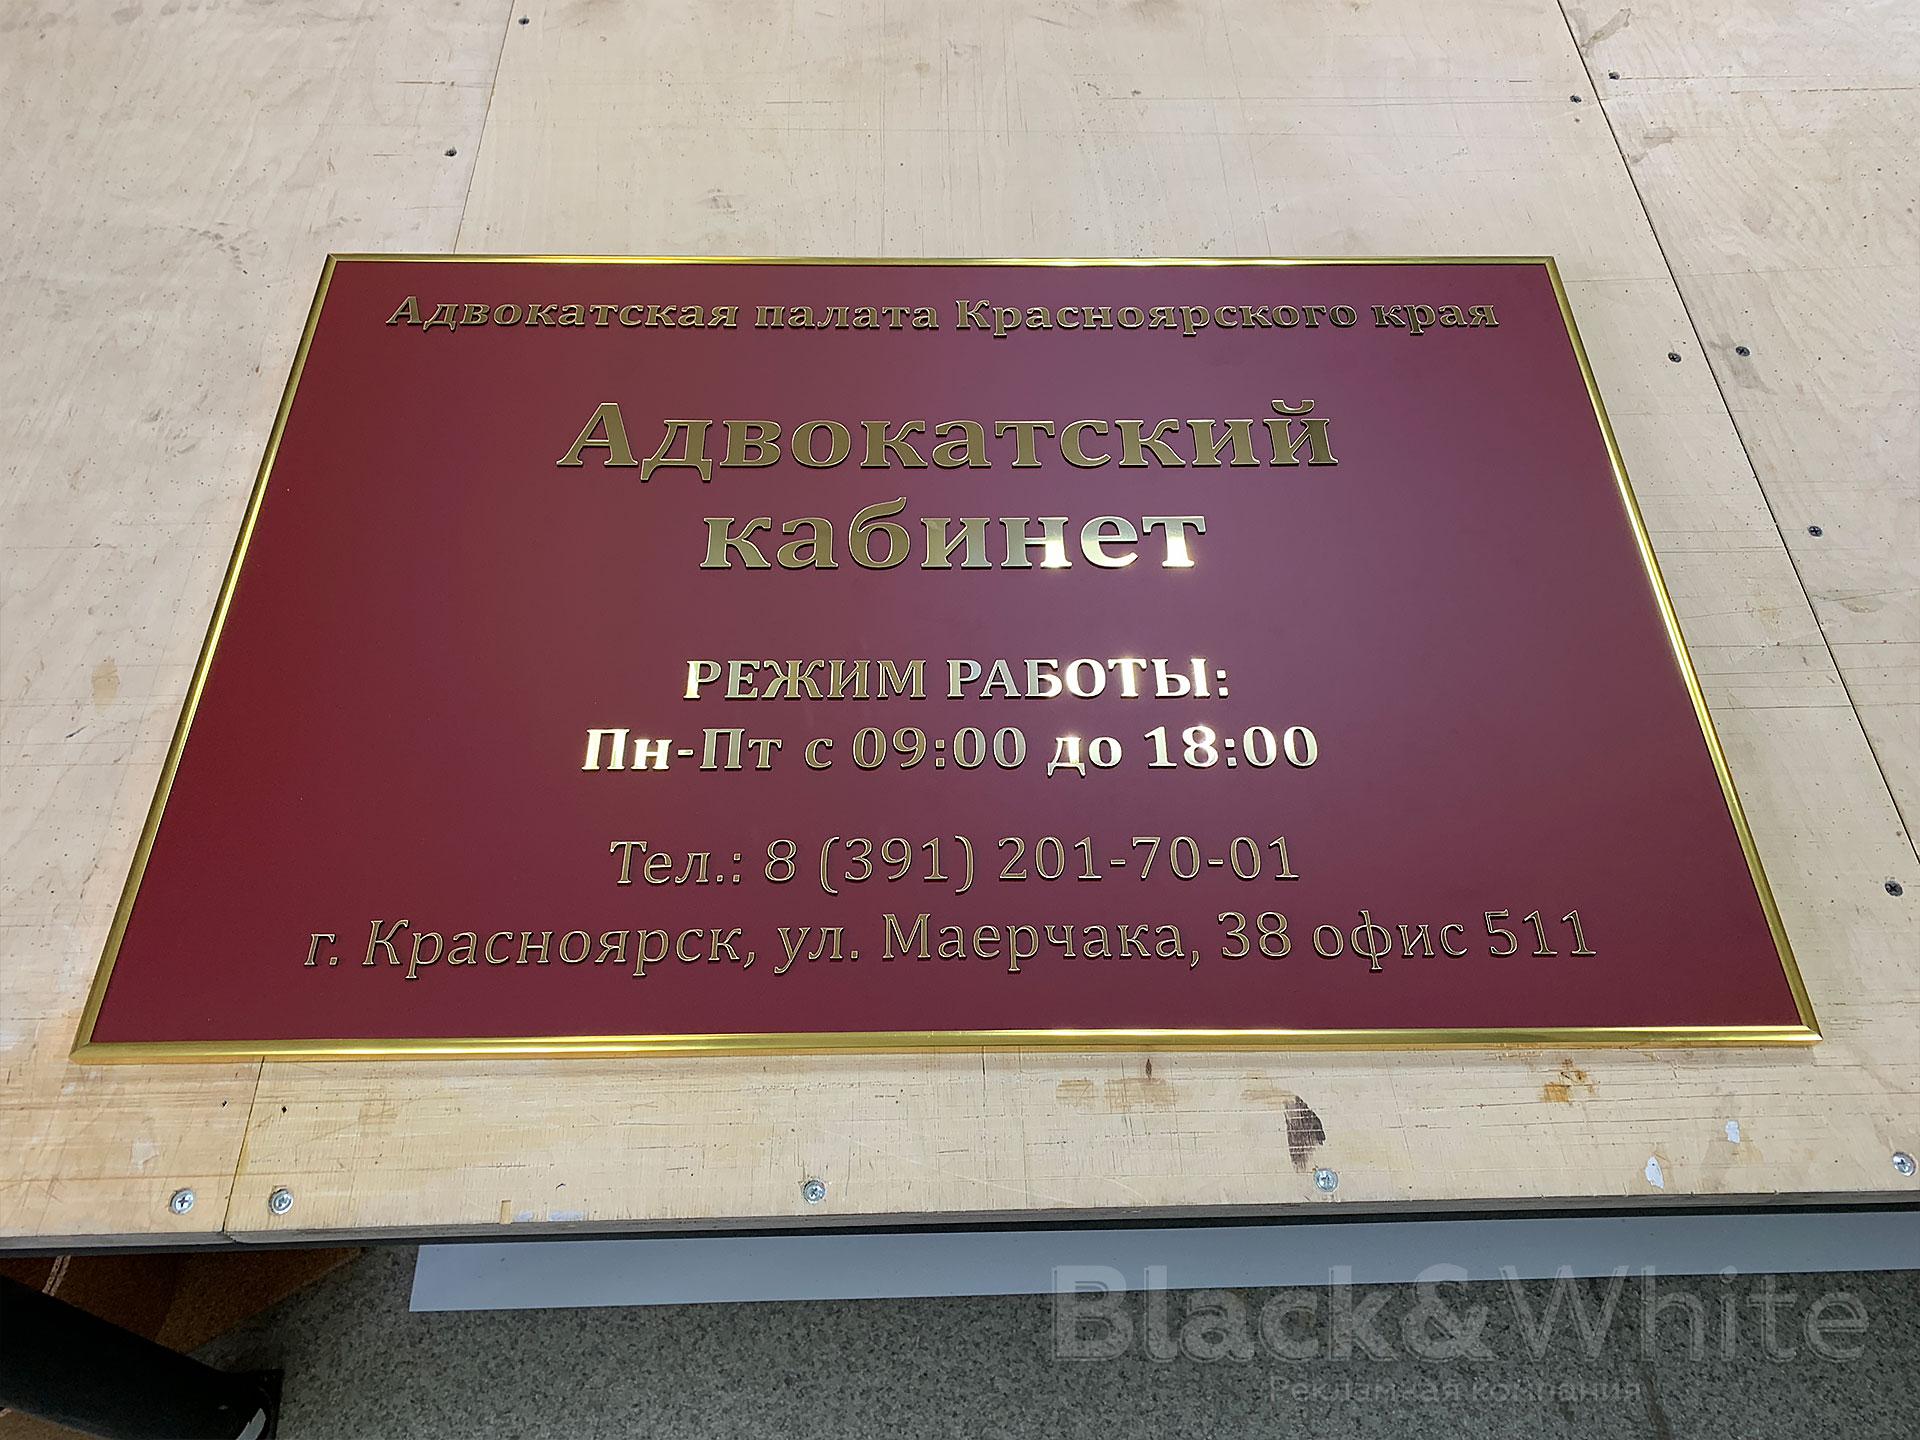 Фасадные-таблички-Компания-Black&White-красноярск-BW.jpg